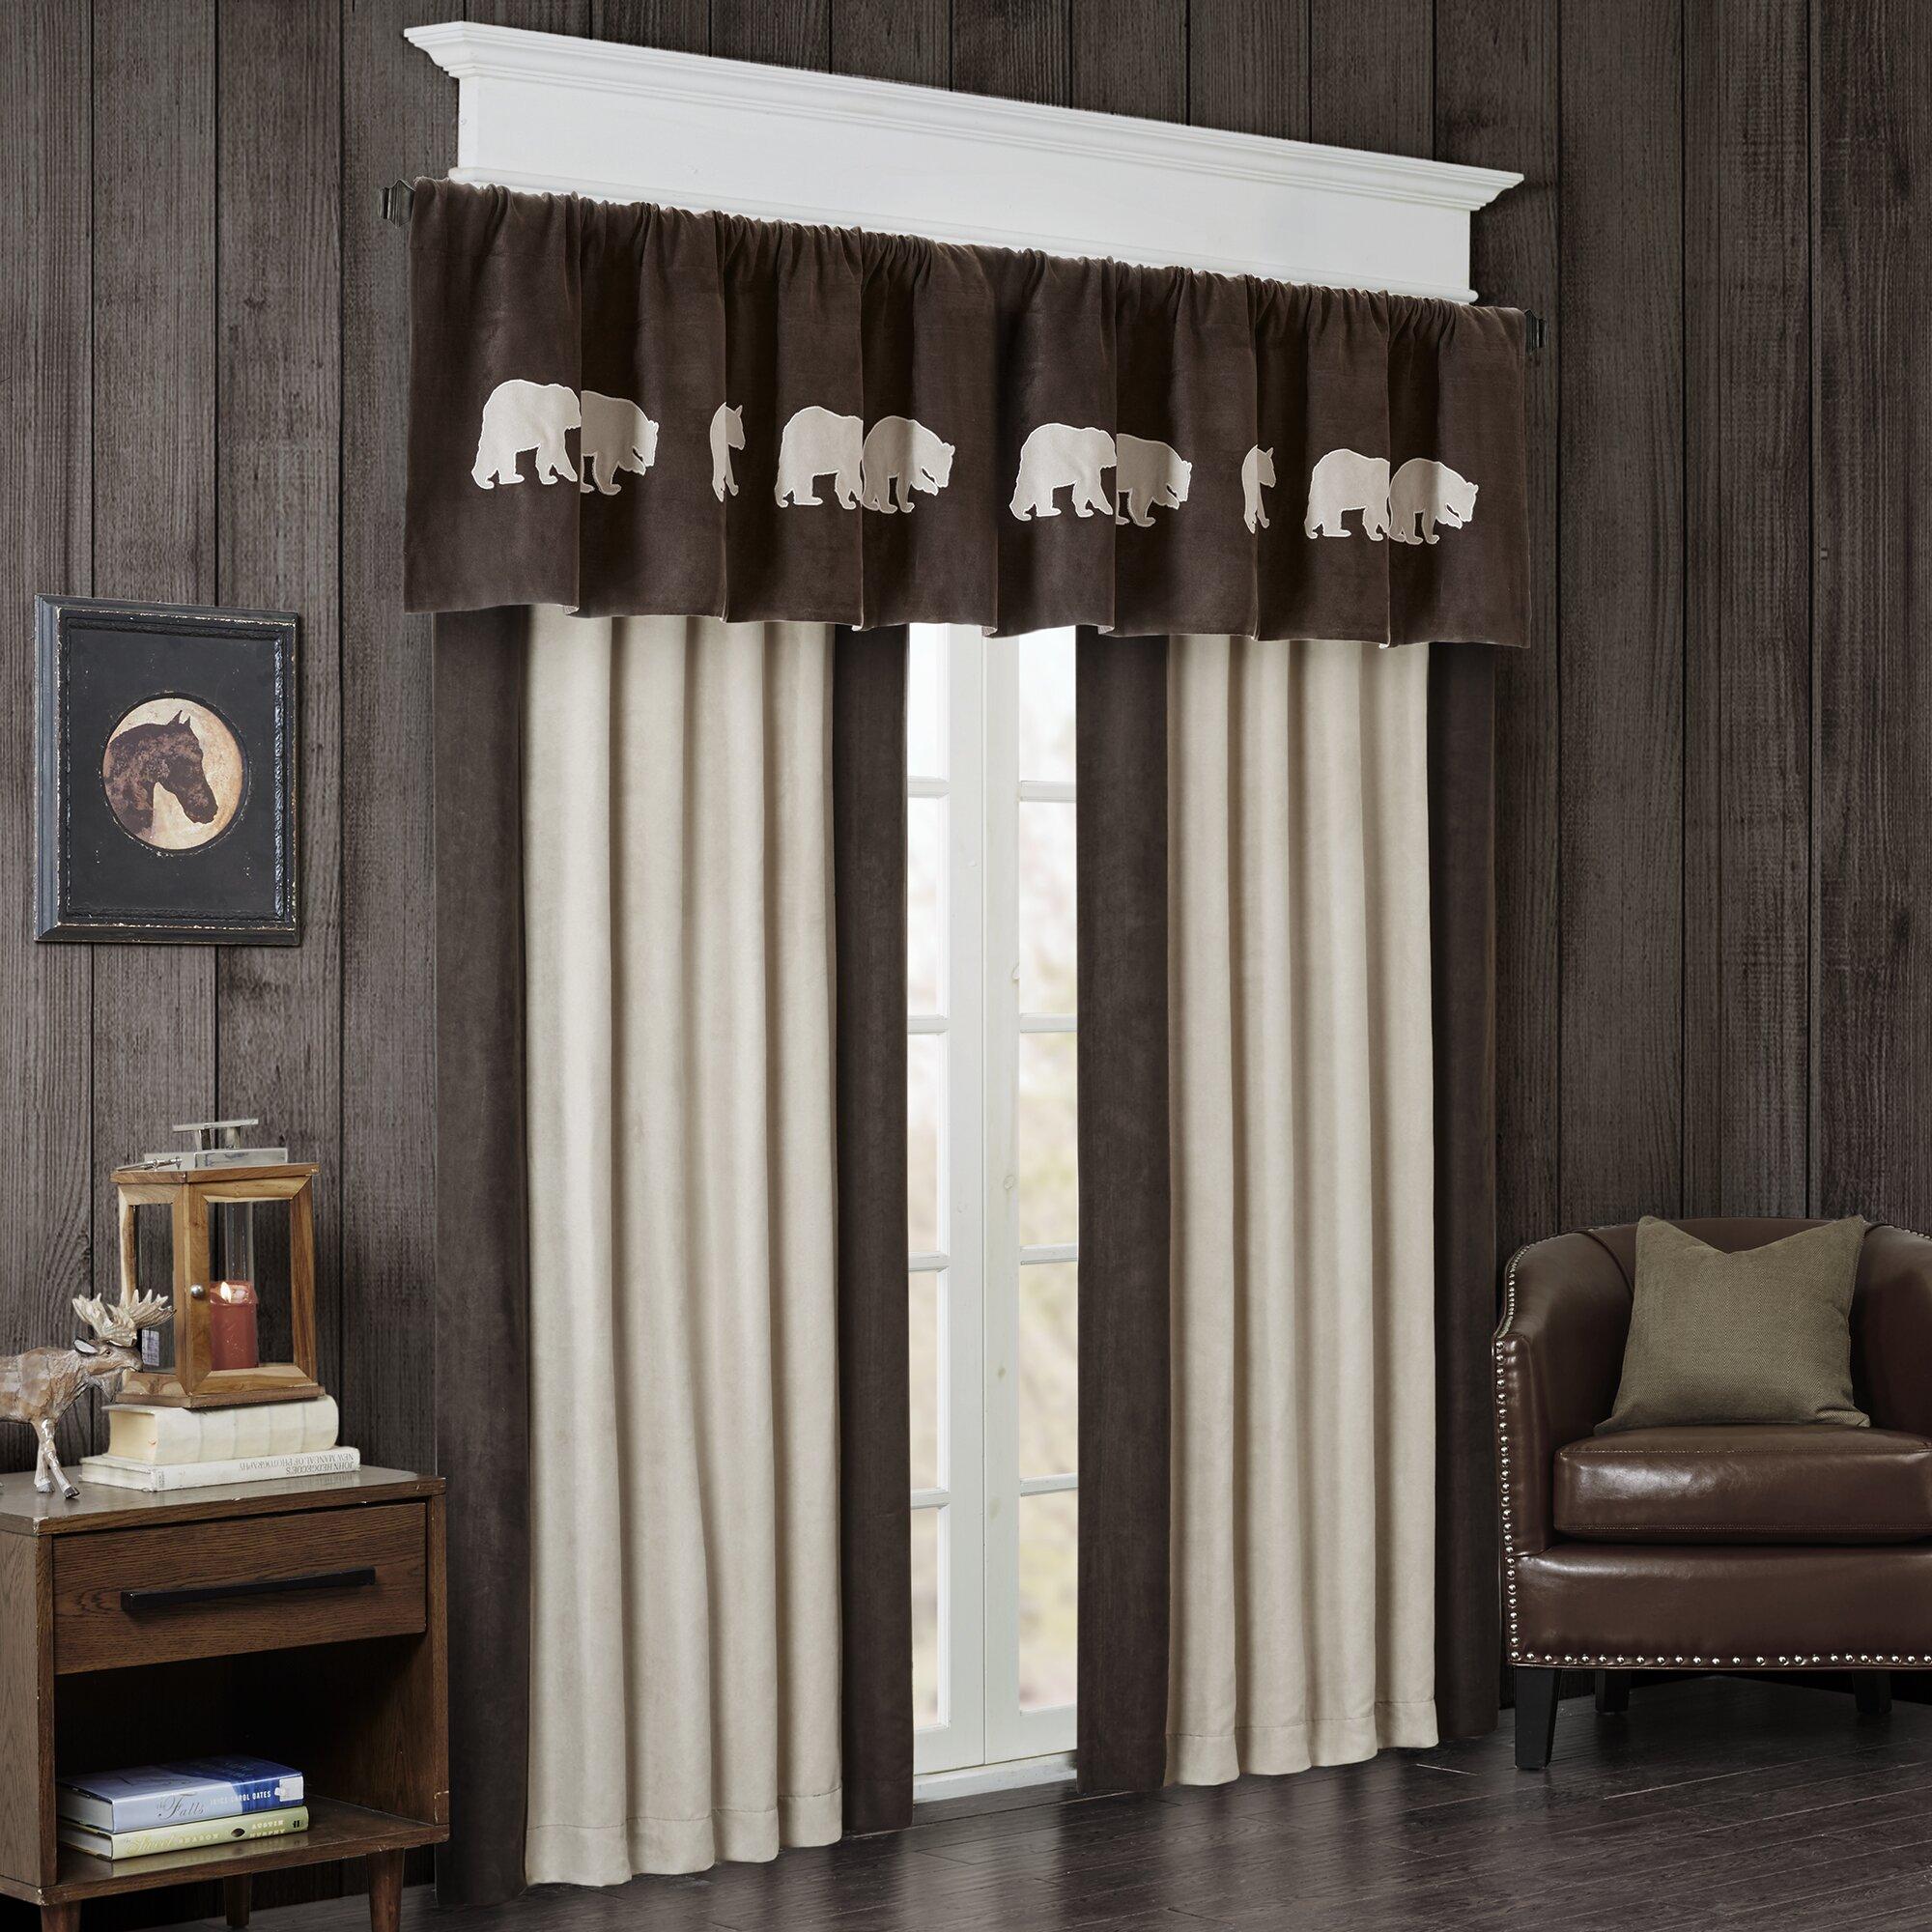 Woolrich curtains